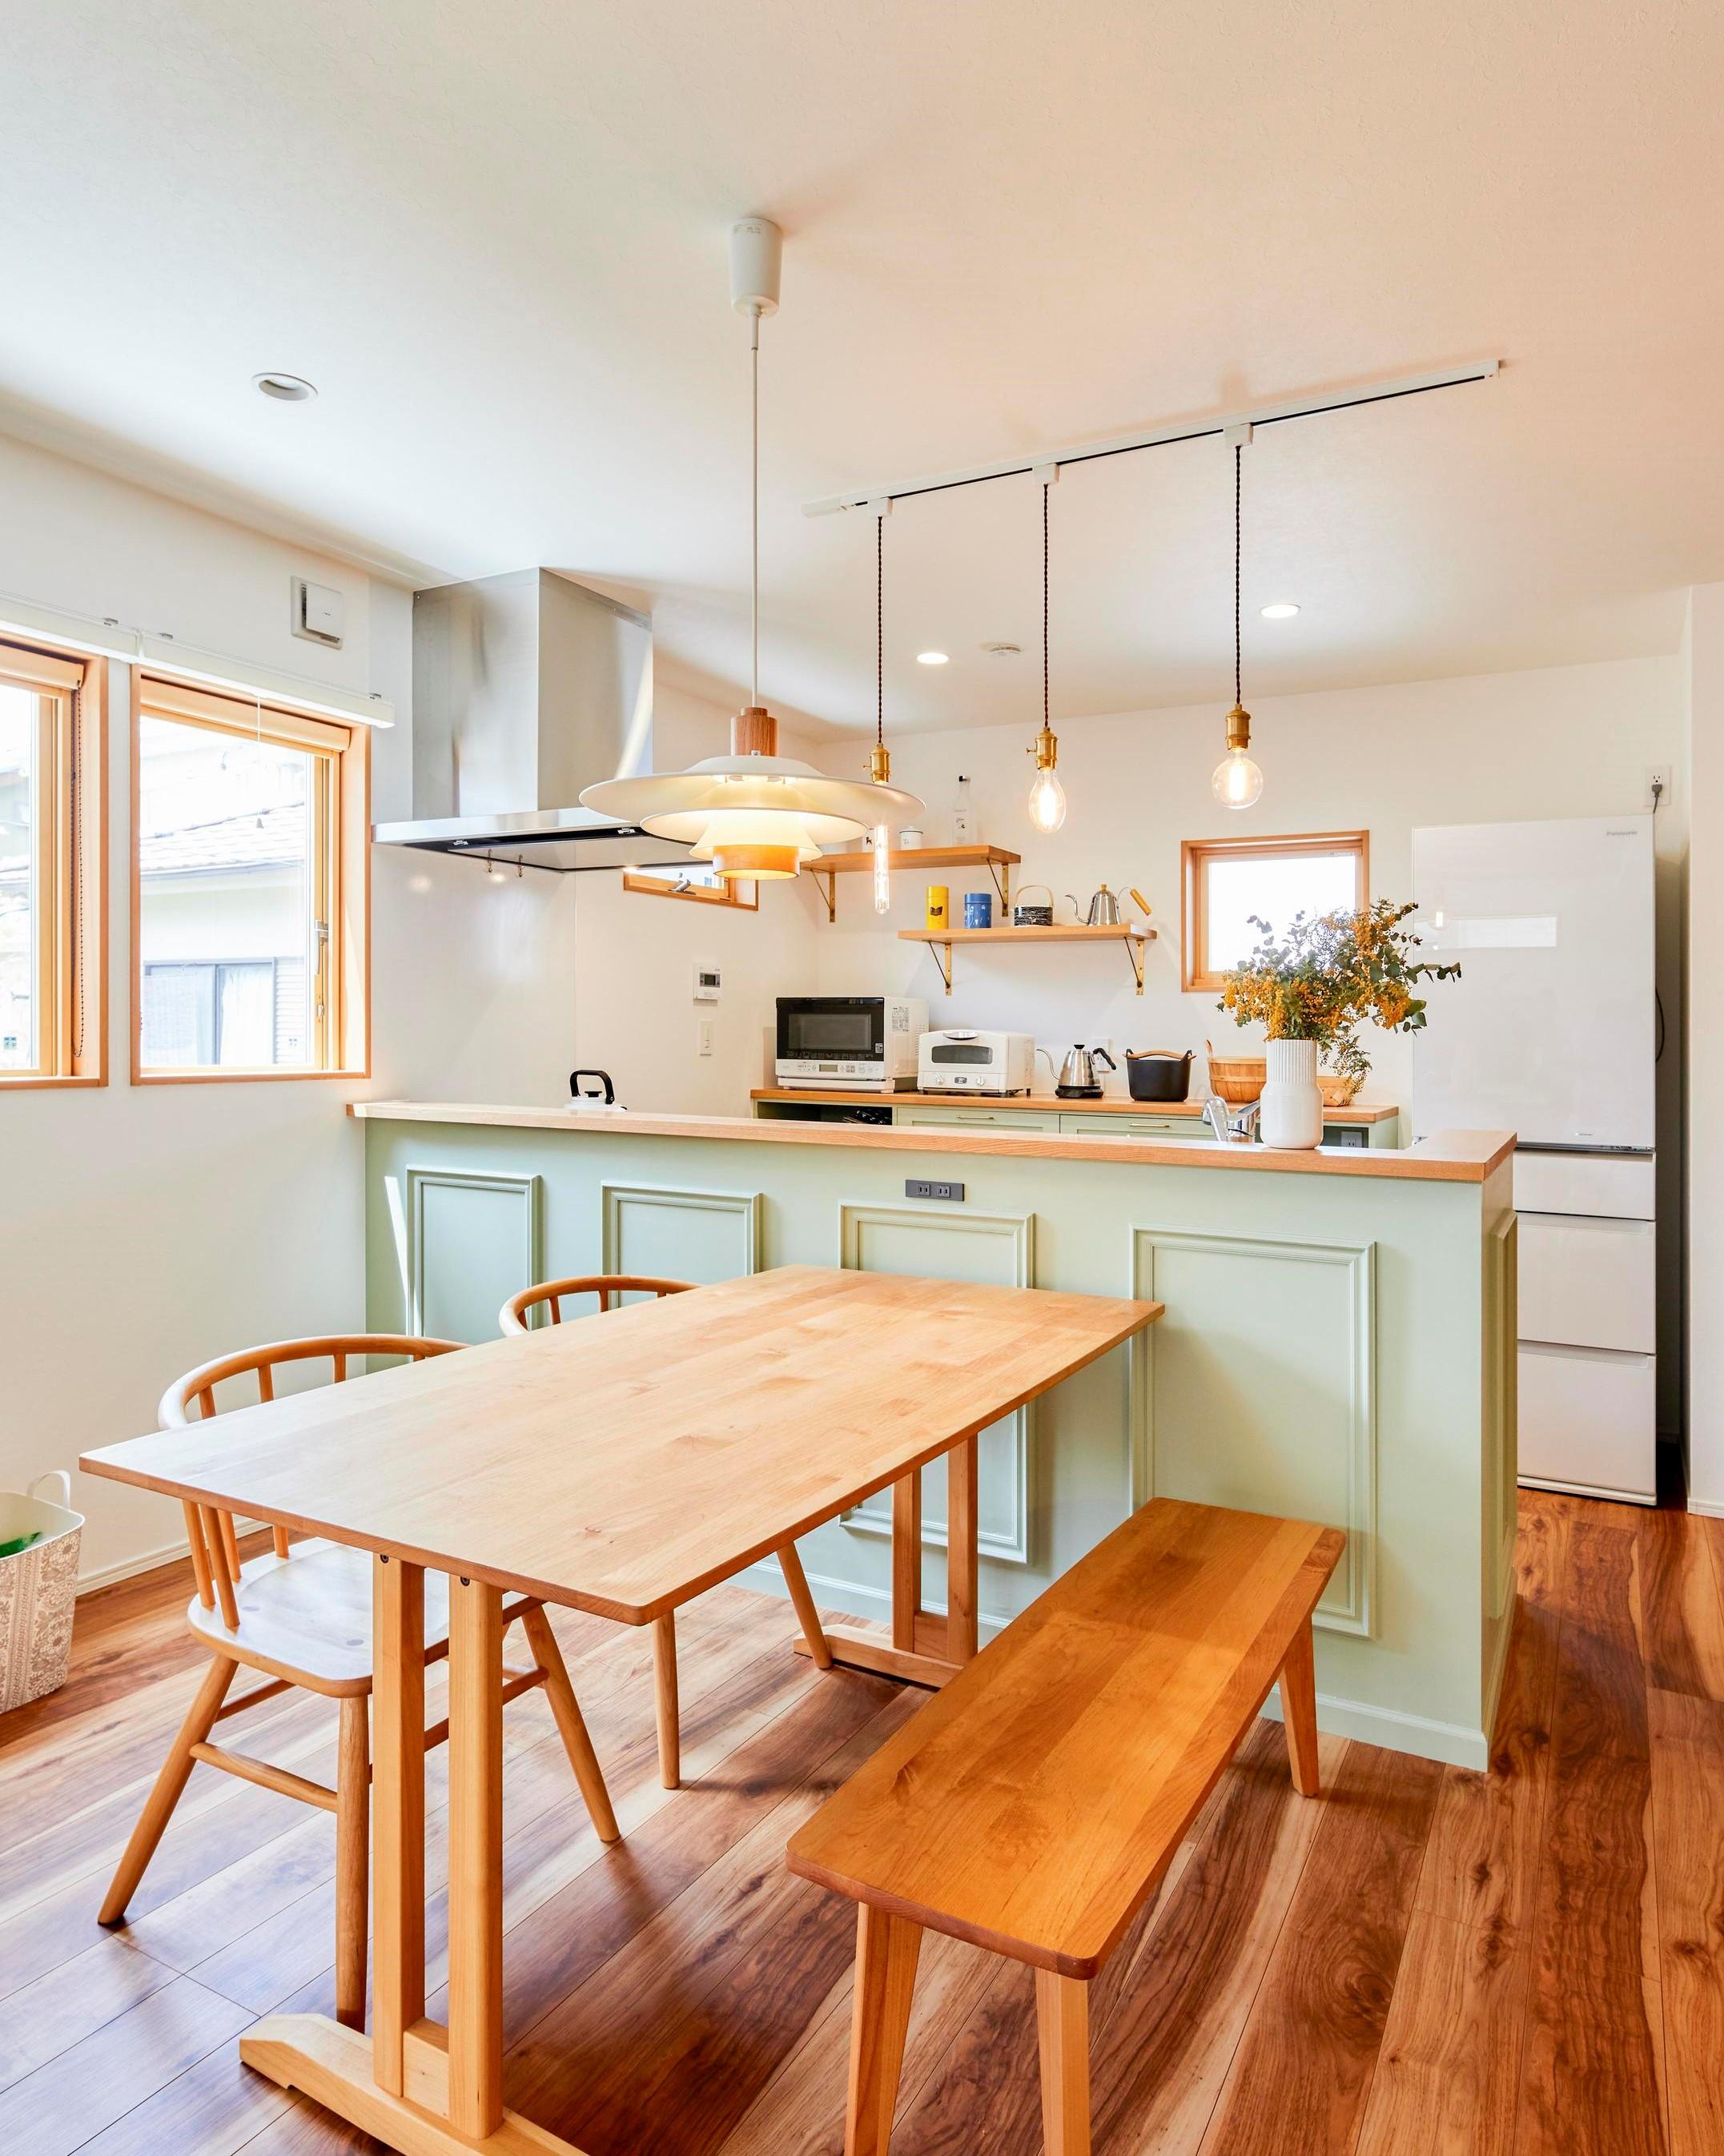 キッチンはカップボードと腰壁を可愛らしい色使いで造作し、空間との調和を生み出している